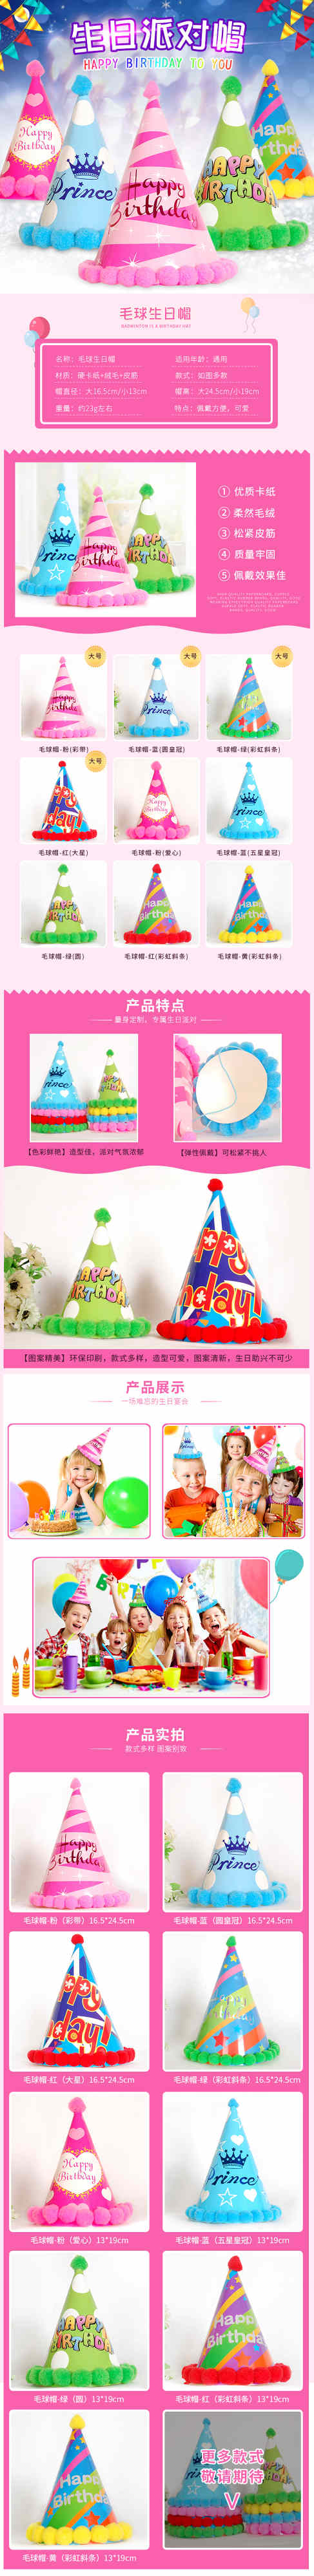 【淘寶設計】【商品詳情】生日派對帽